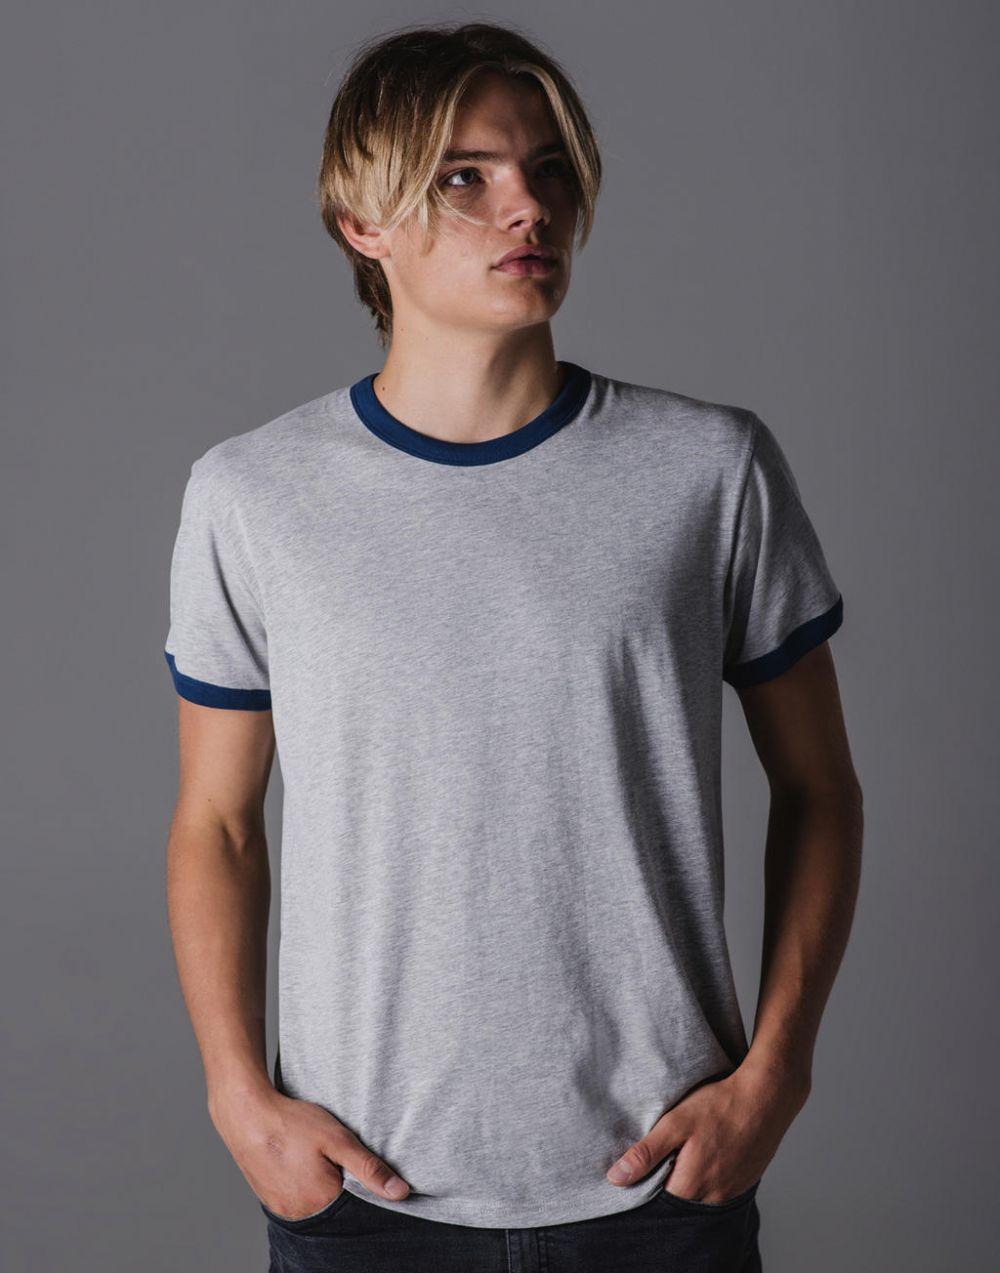 Camisetas manga corta mantis orgánica superstar retro hombre ecológico con impresión imagen 2